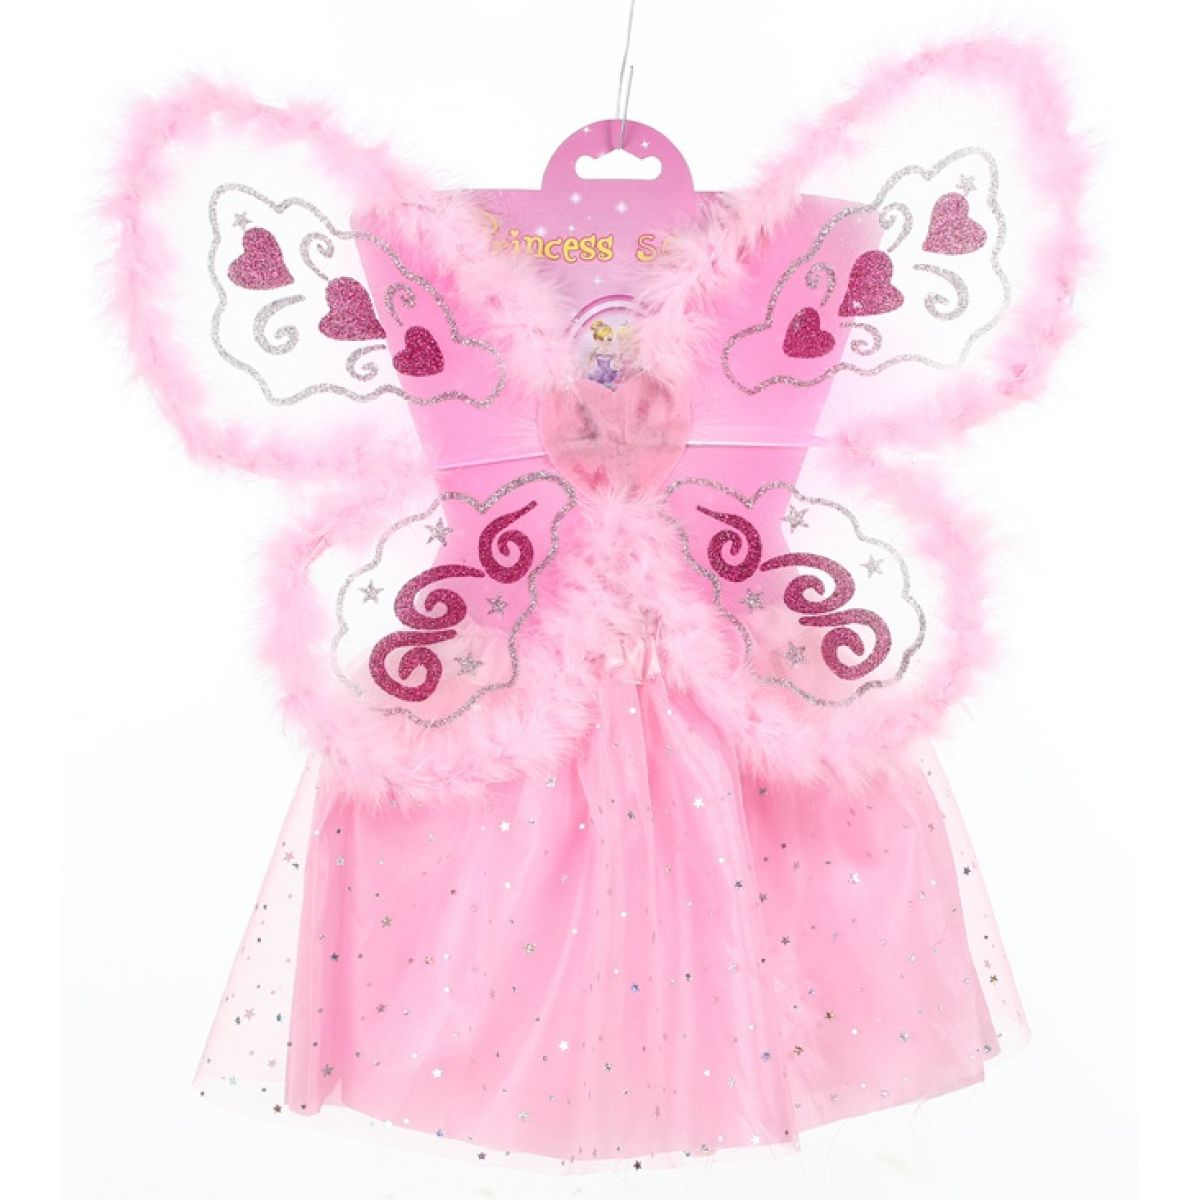 HM Studio Dětský kostým Víla s chmýřím - Poškozený obal